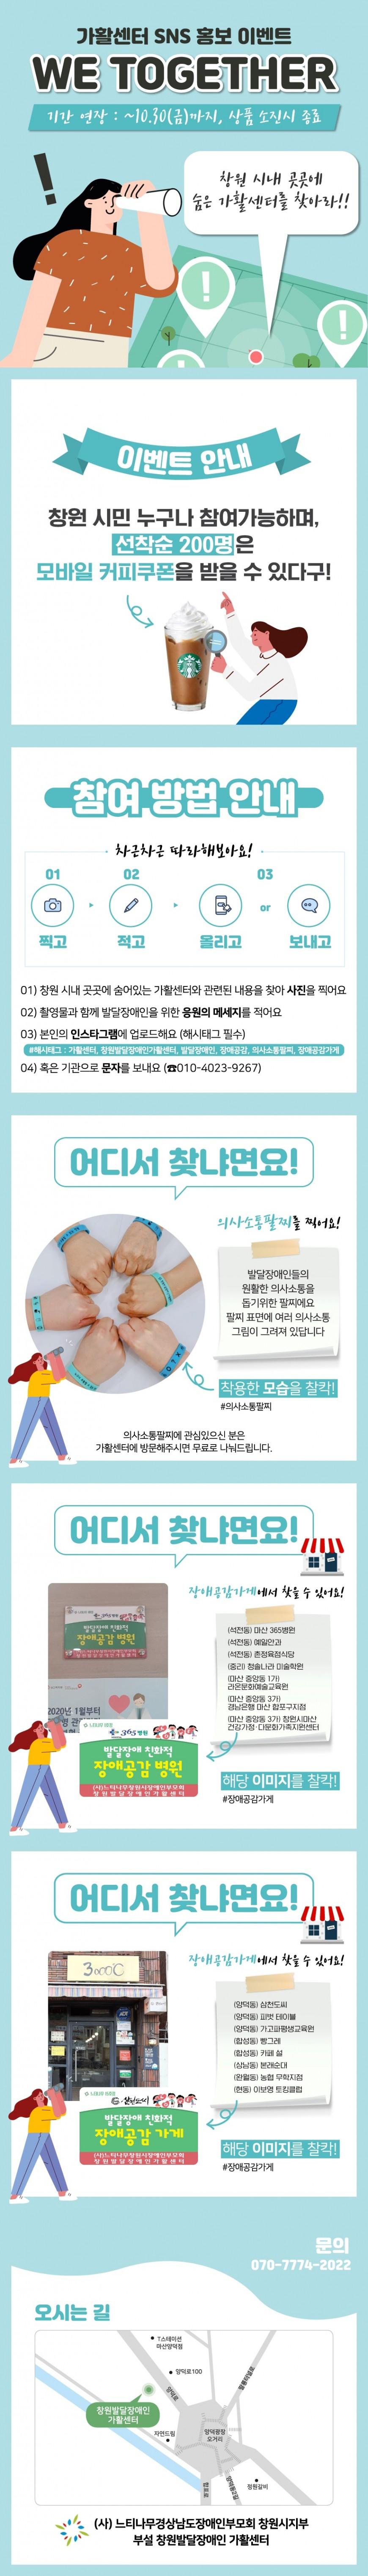 [마감] 장애공감 SNS 홍보 이벤트안내